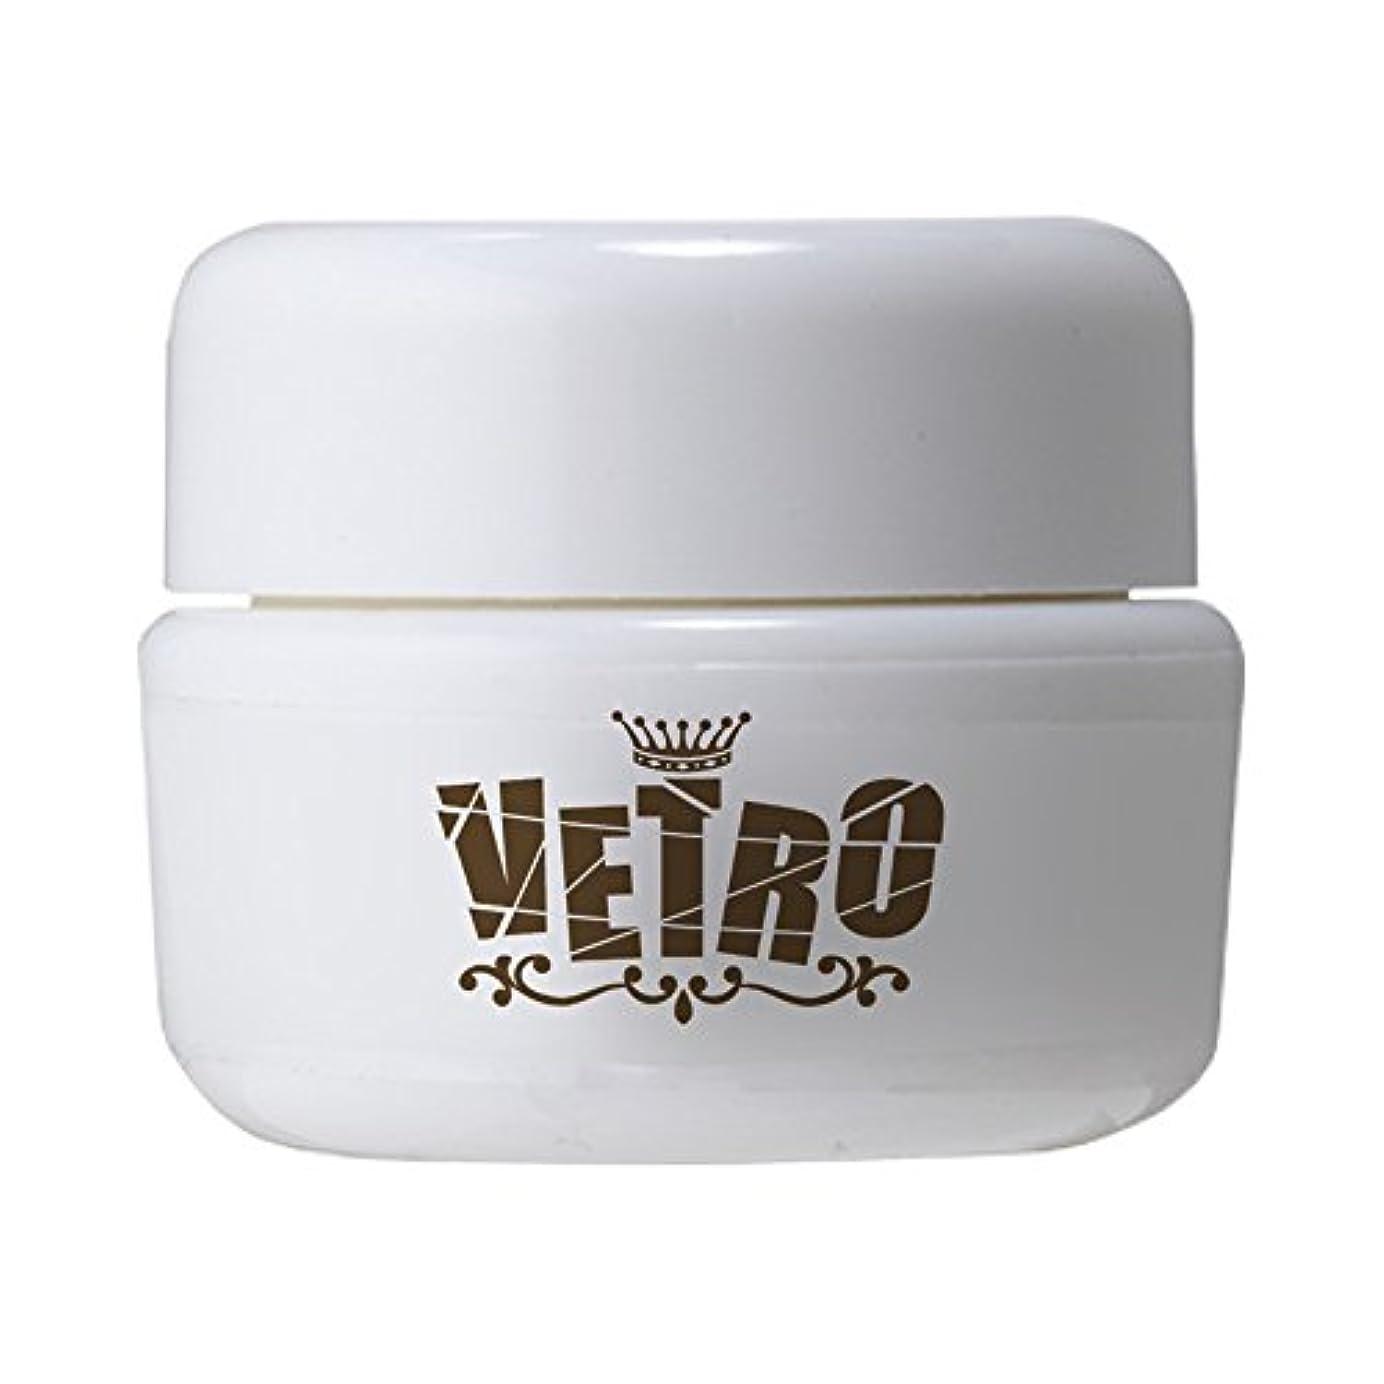 ウィスキー豪華な発表VETRO No.19 カラージェル マット VL248 アイリッシュミスト 4ml